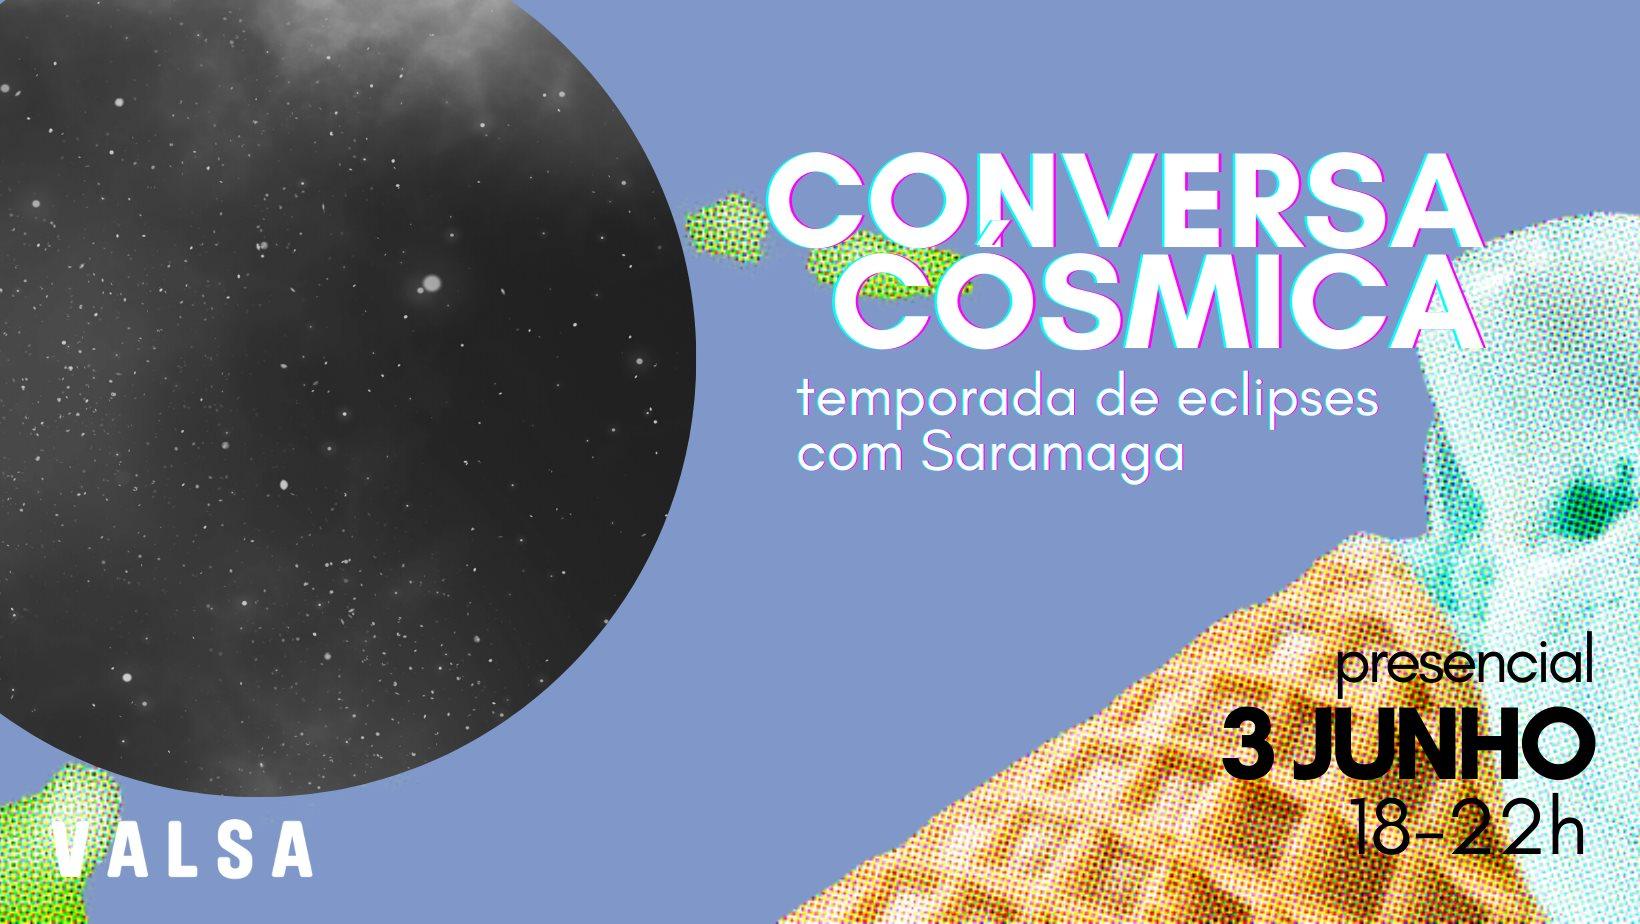 CONVERSA CÓSMICA | temporada de eclipses - com Saramaga